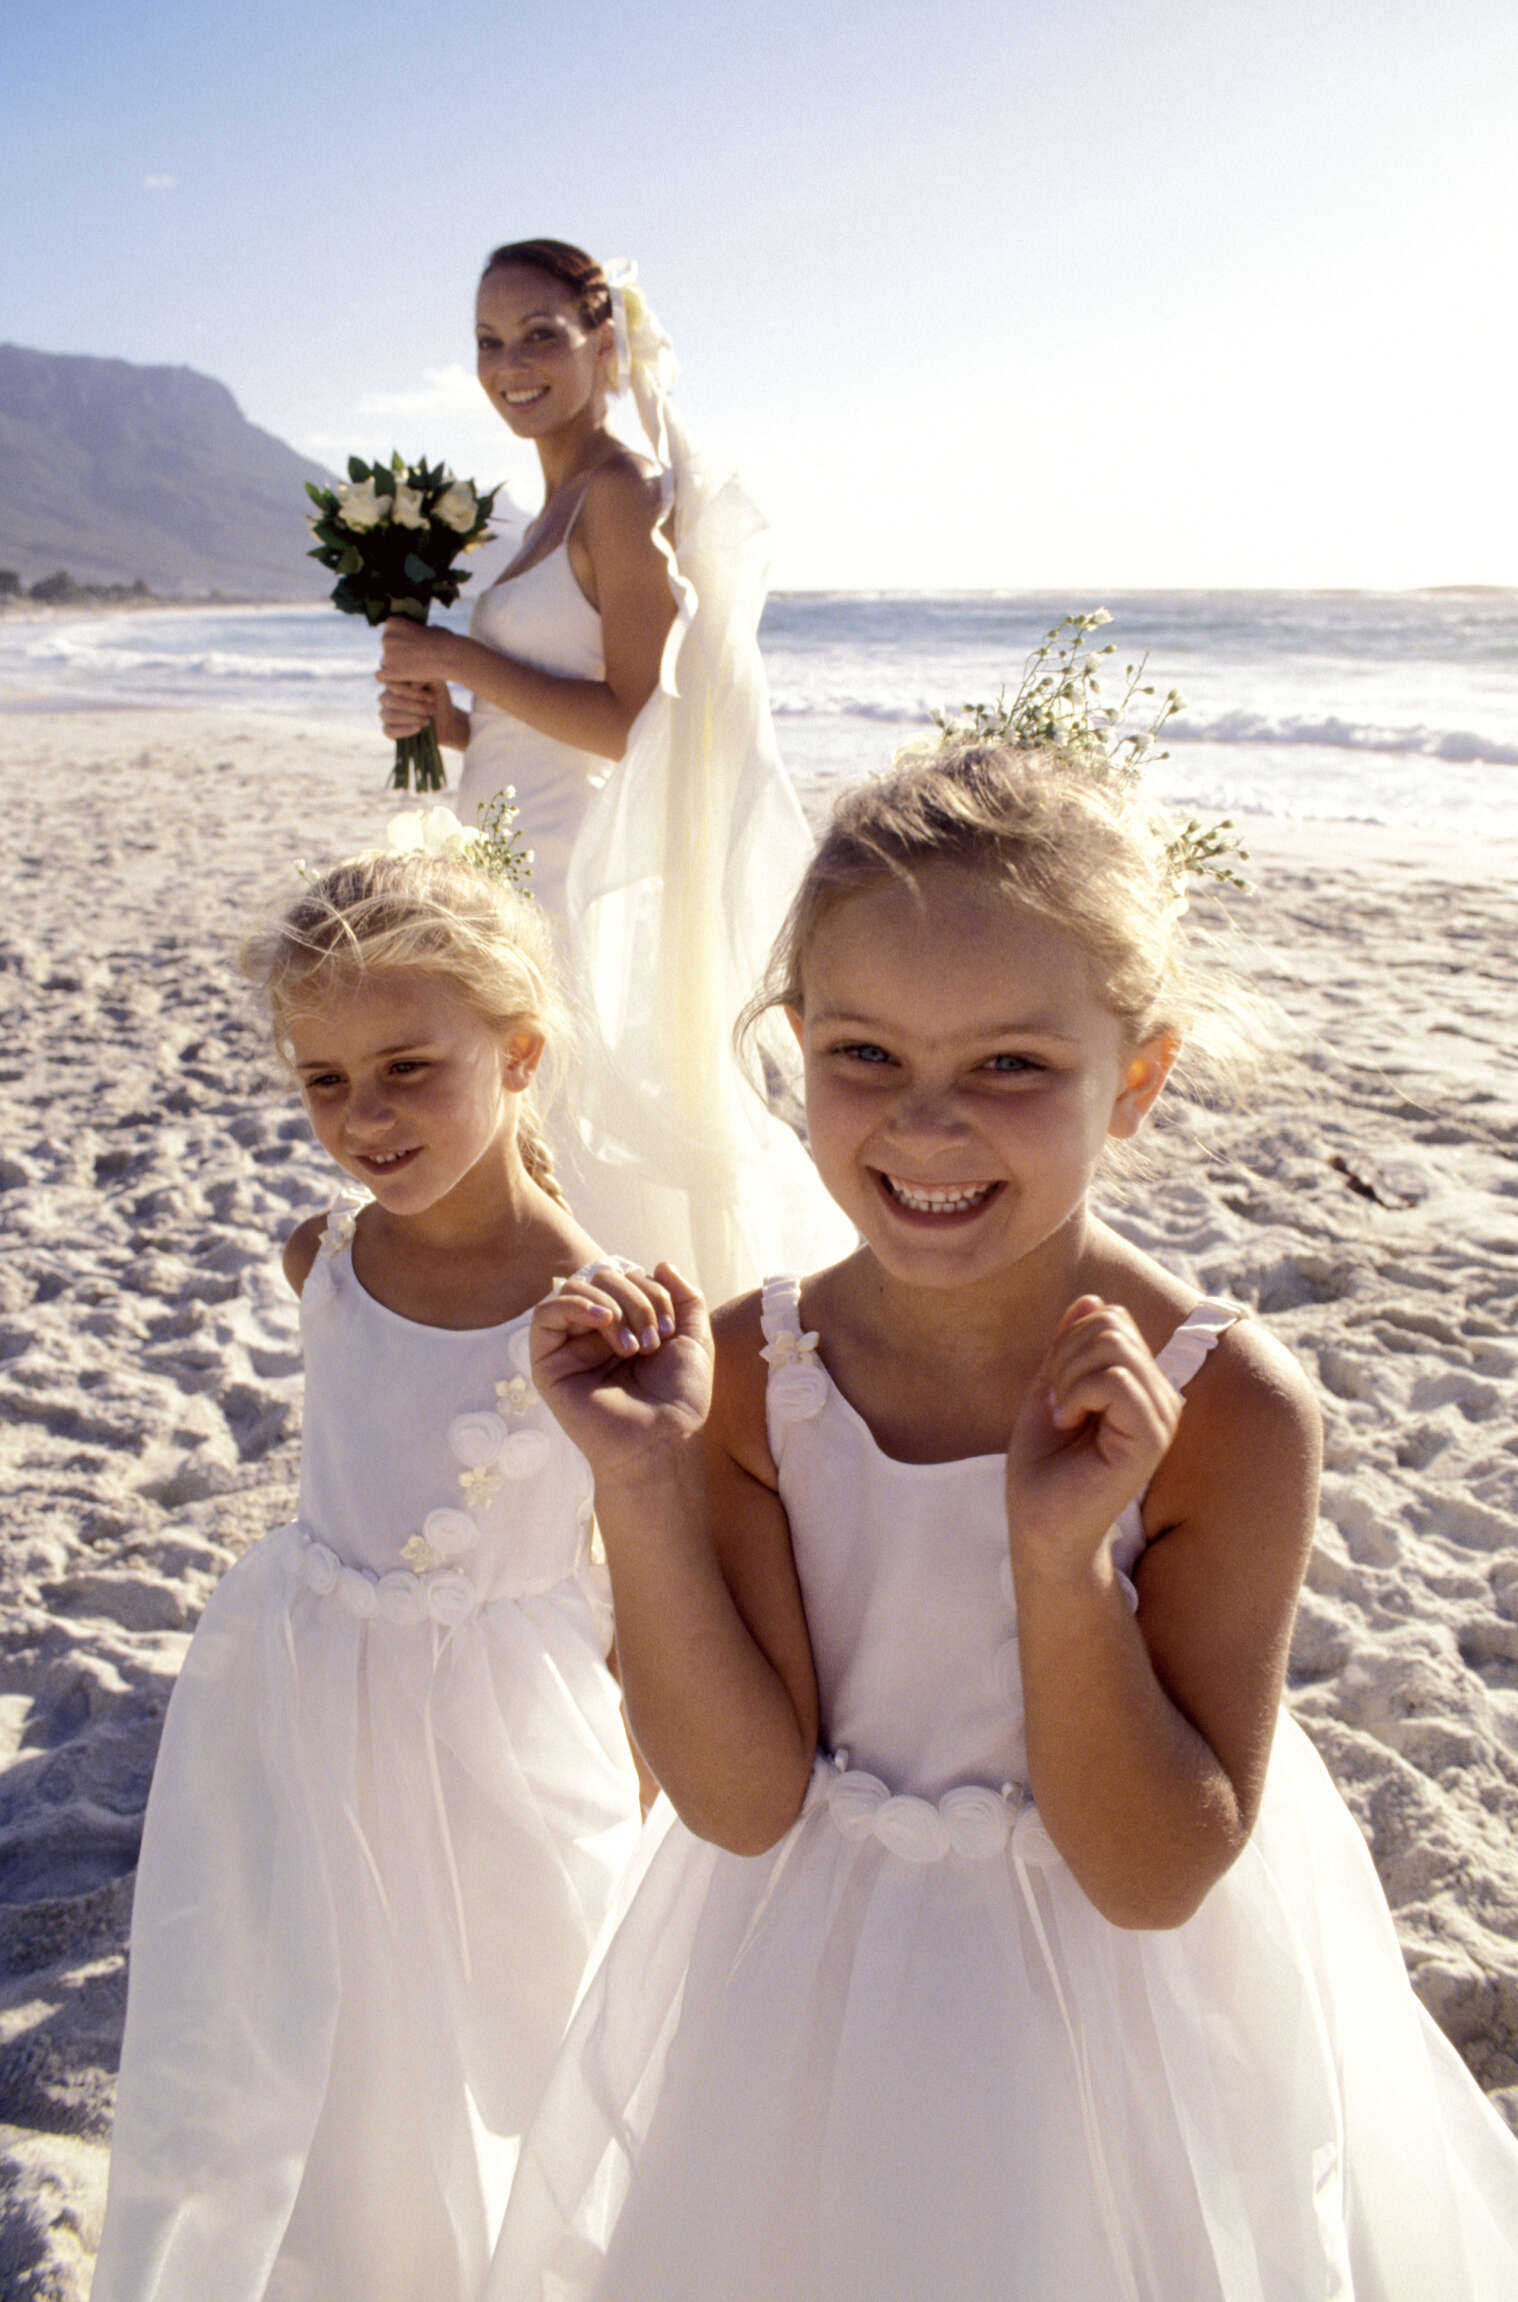 Why consider a destination wedding?